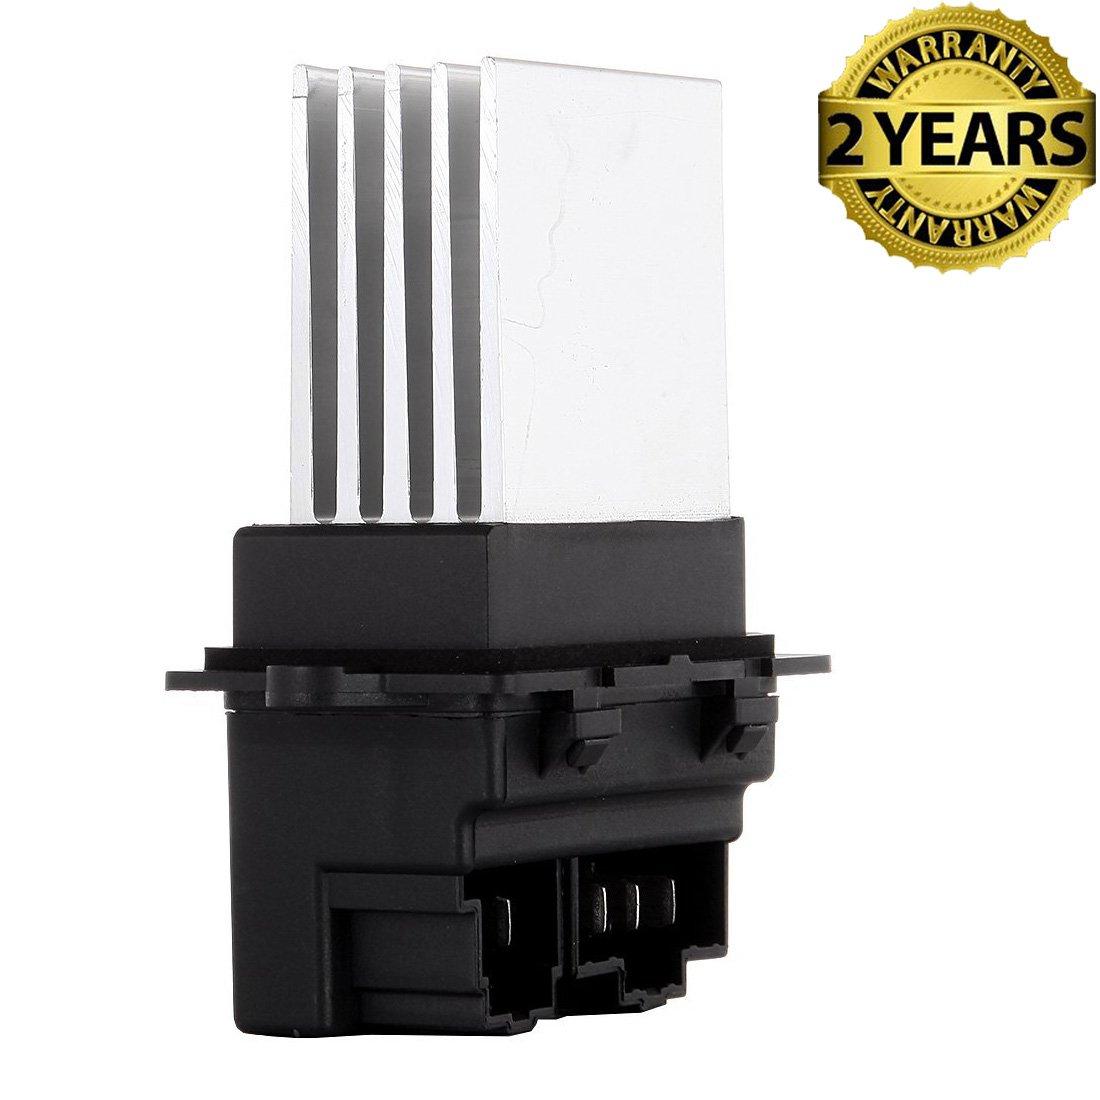 Saite 04885482AC 04885482AA 4885482AC - Resistencia de ventilador de motor para garaje Saite Garage